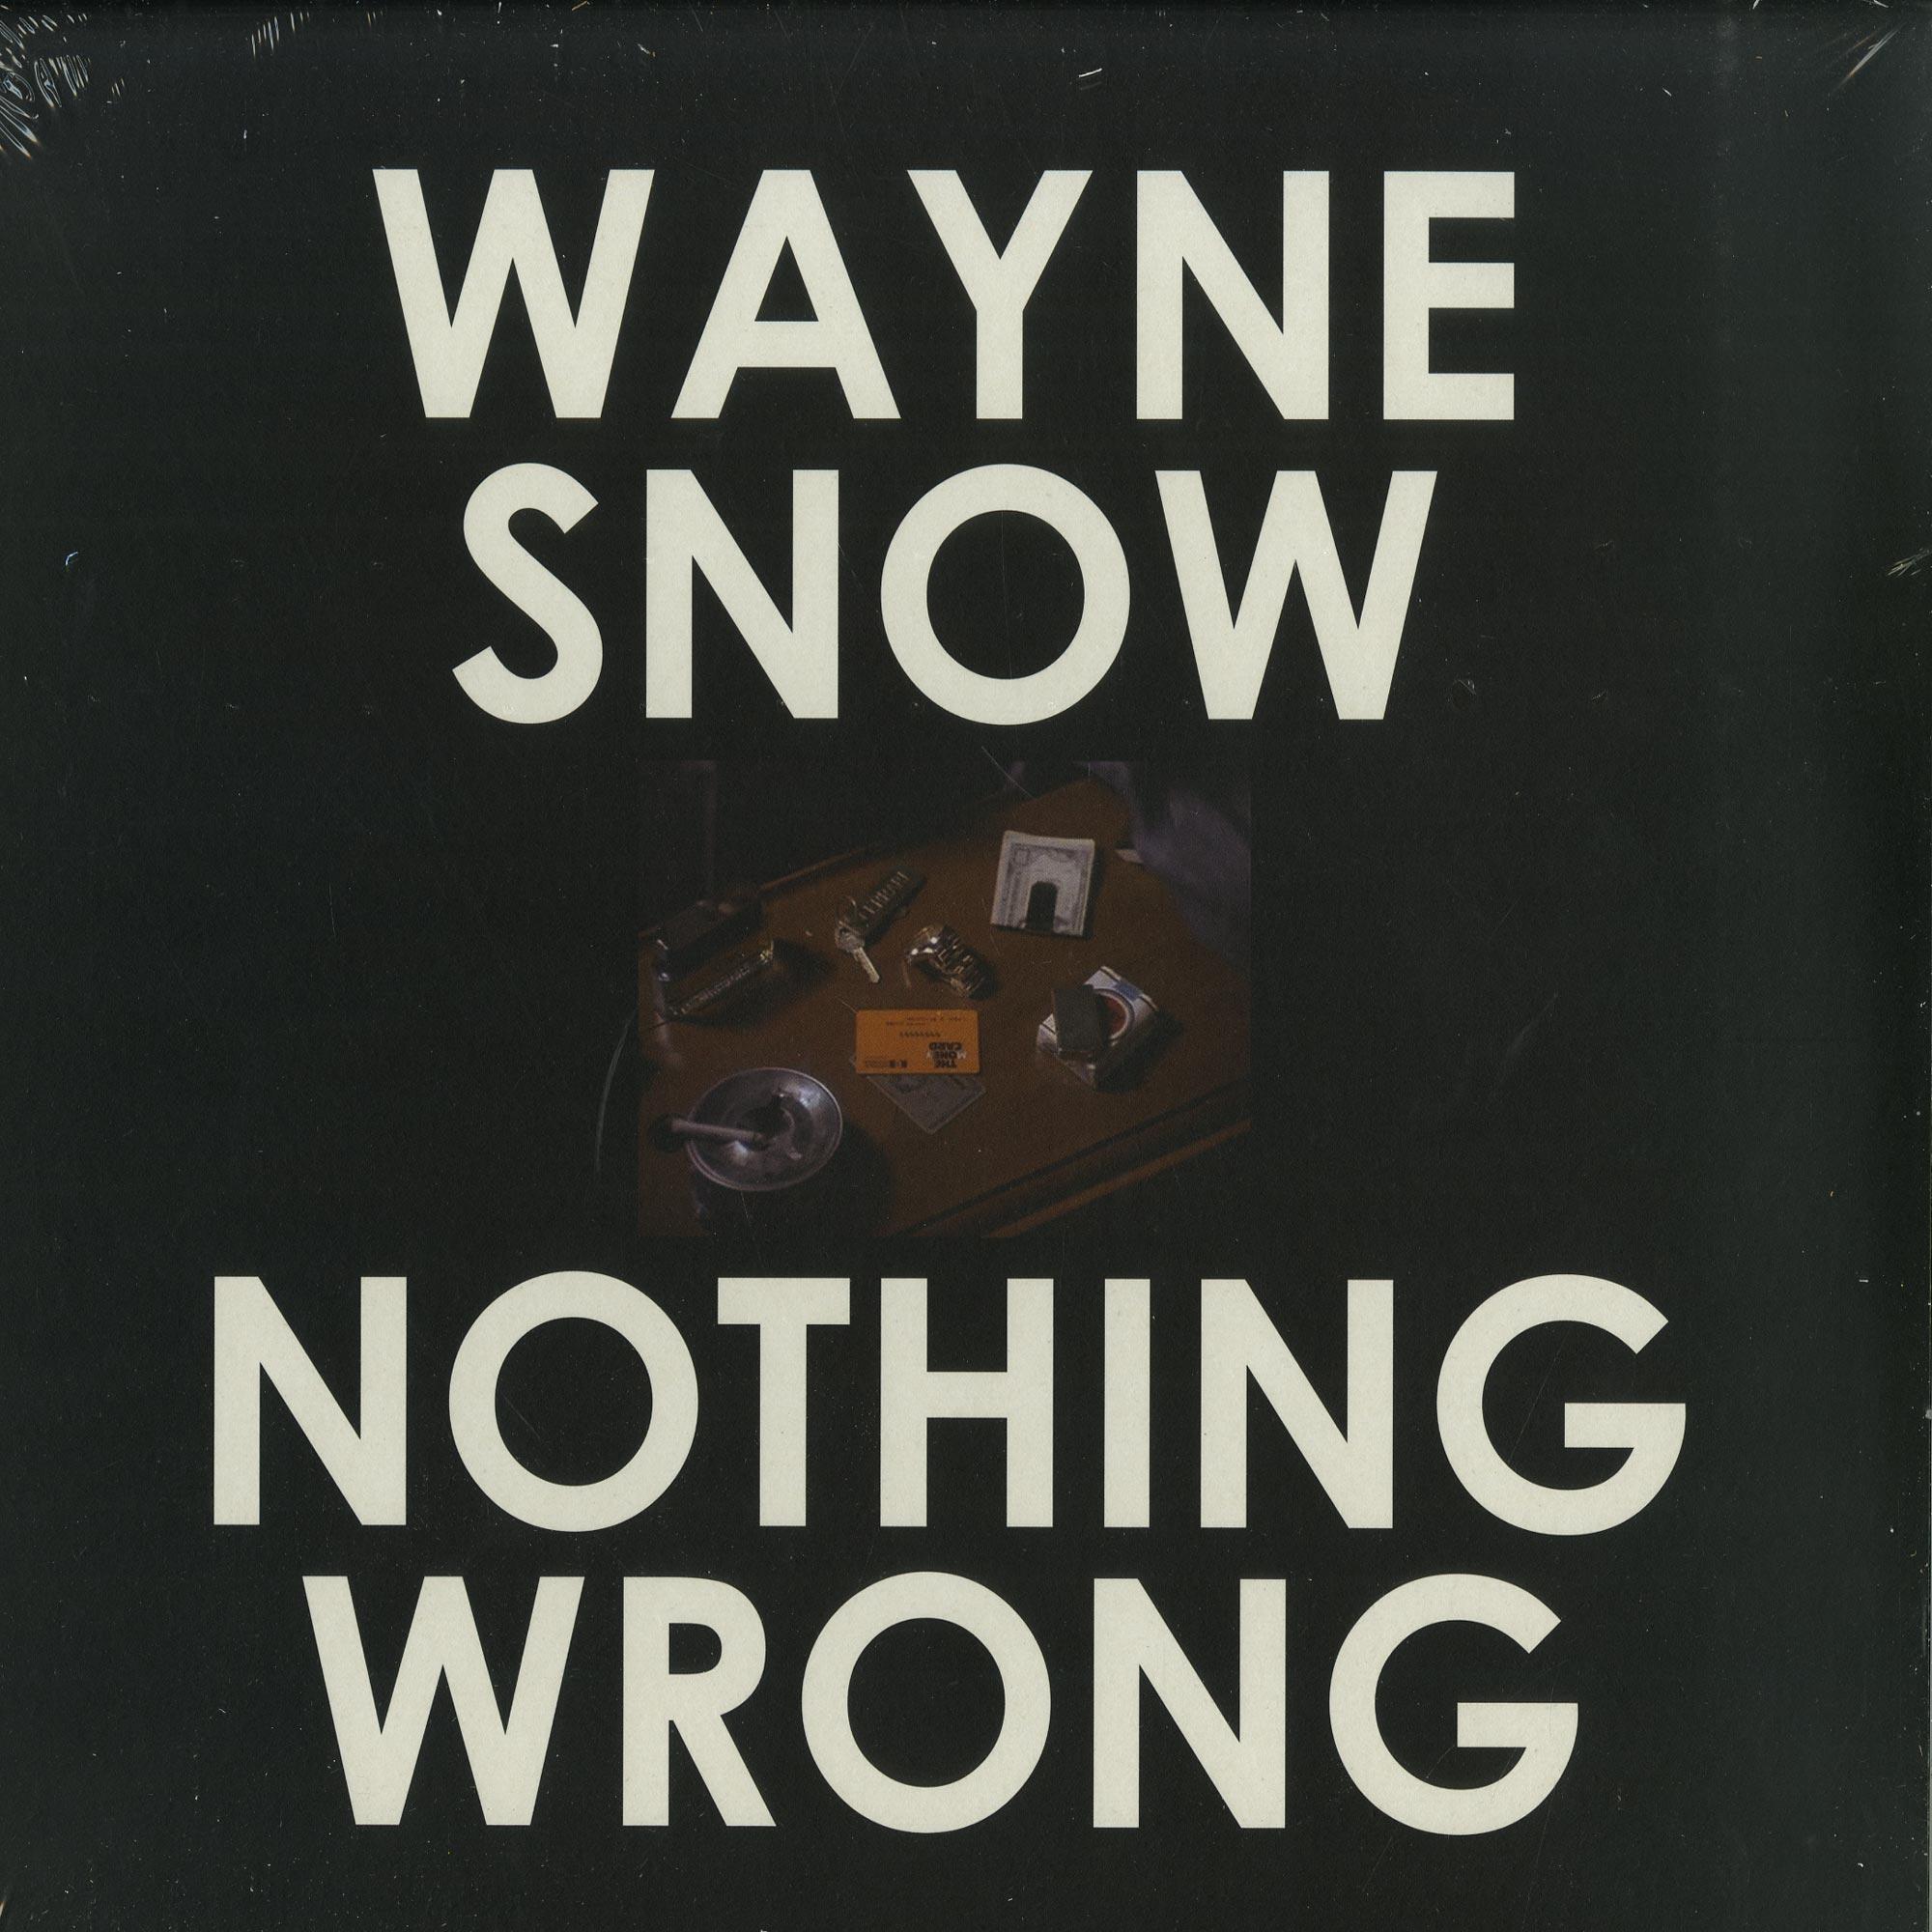 Wayne Snow - NOTHING WRONG